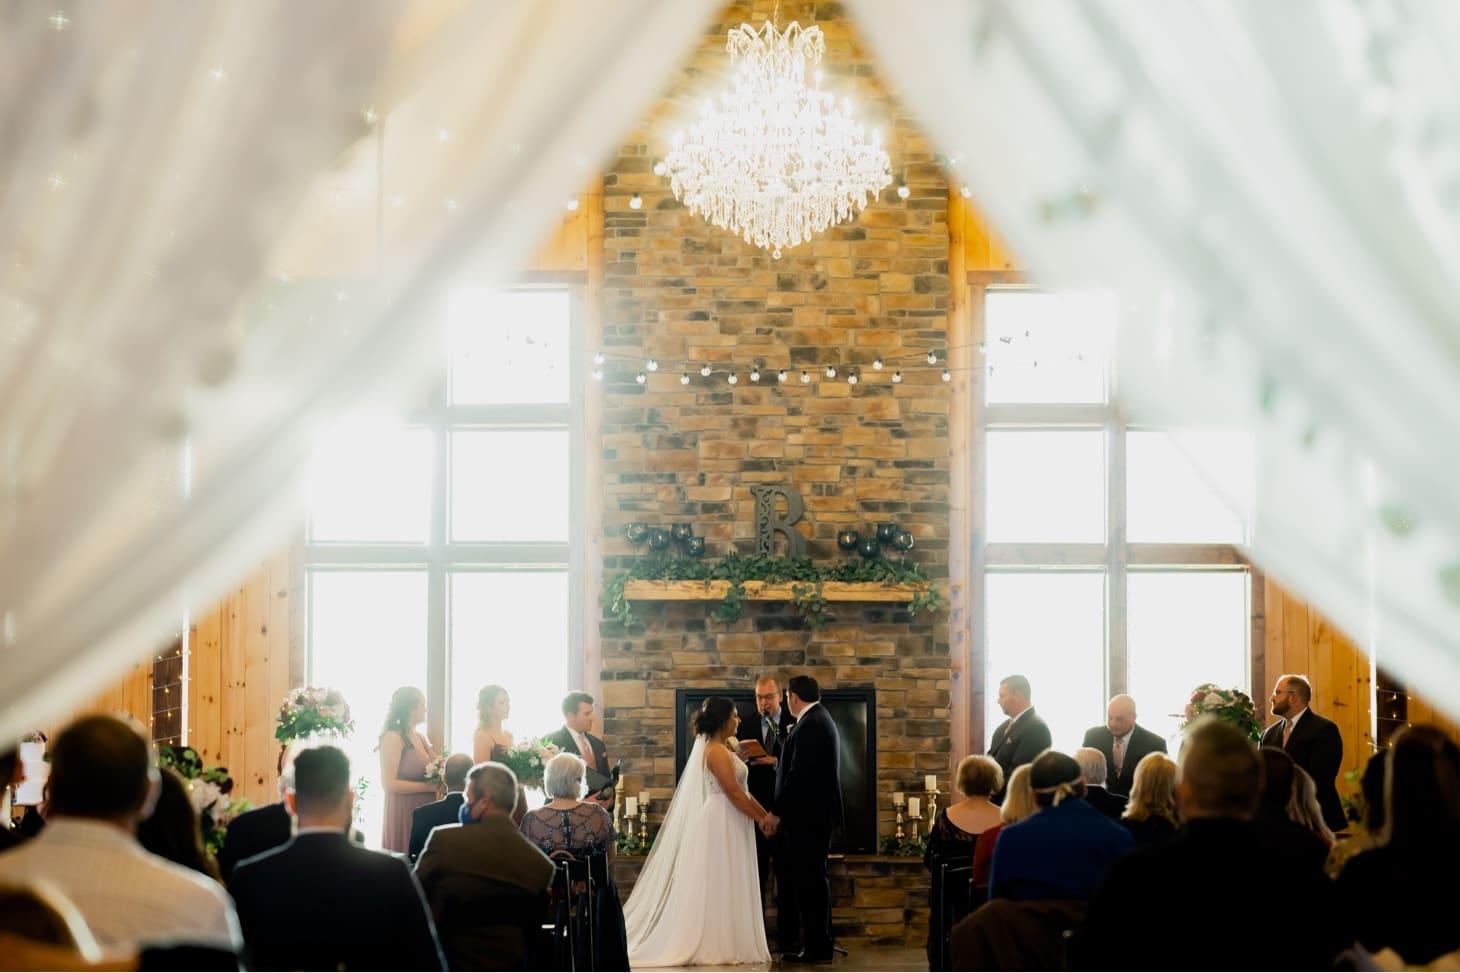 adel iowa wedding ceremony photos